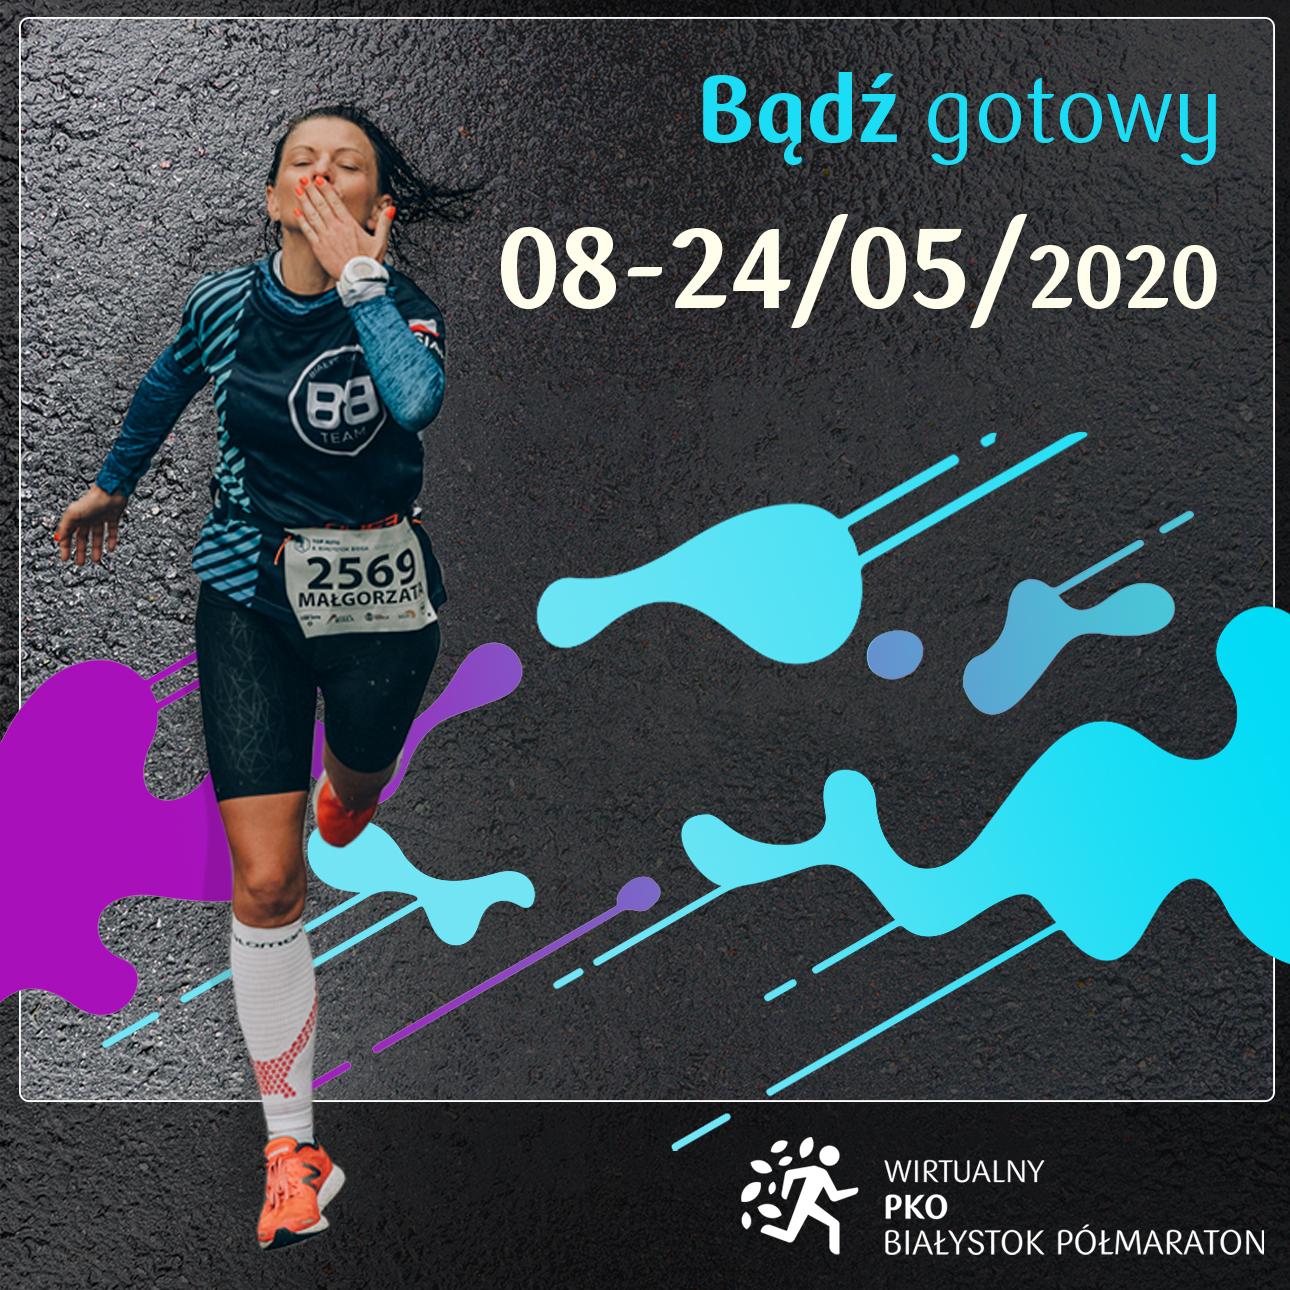 Wirtualny PKO Białystok Półmaraton - 08-05-2020